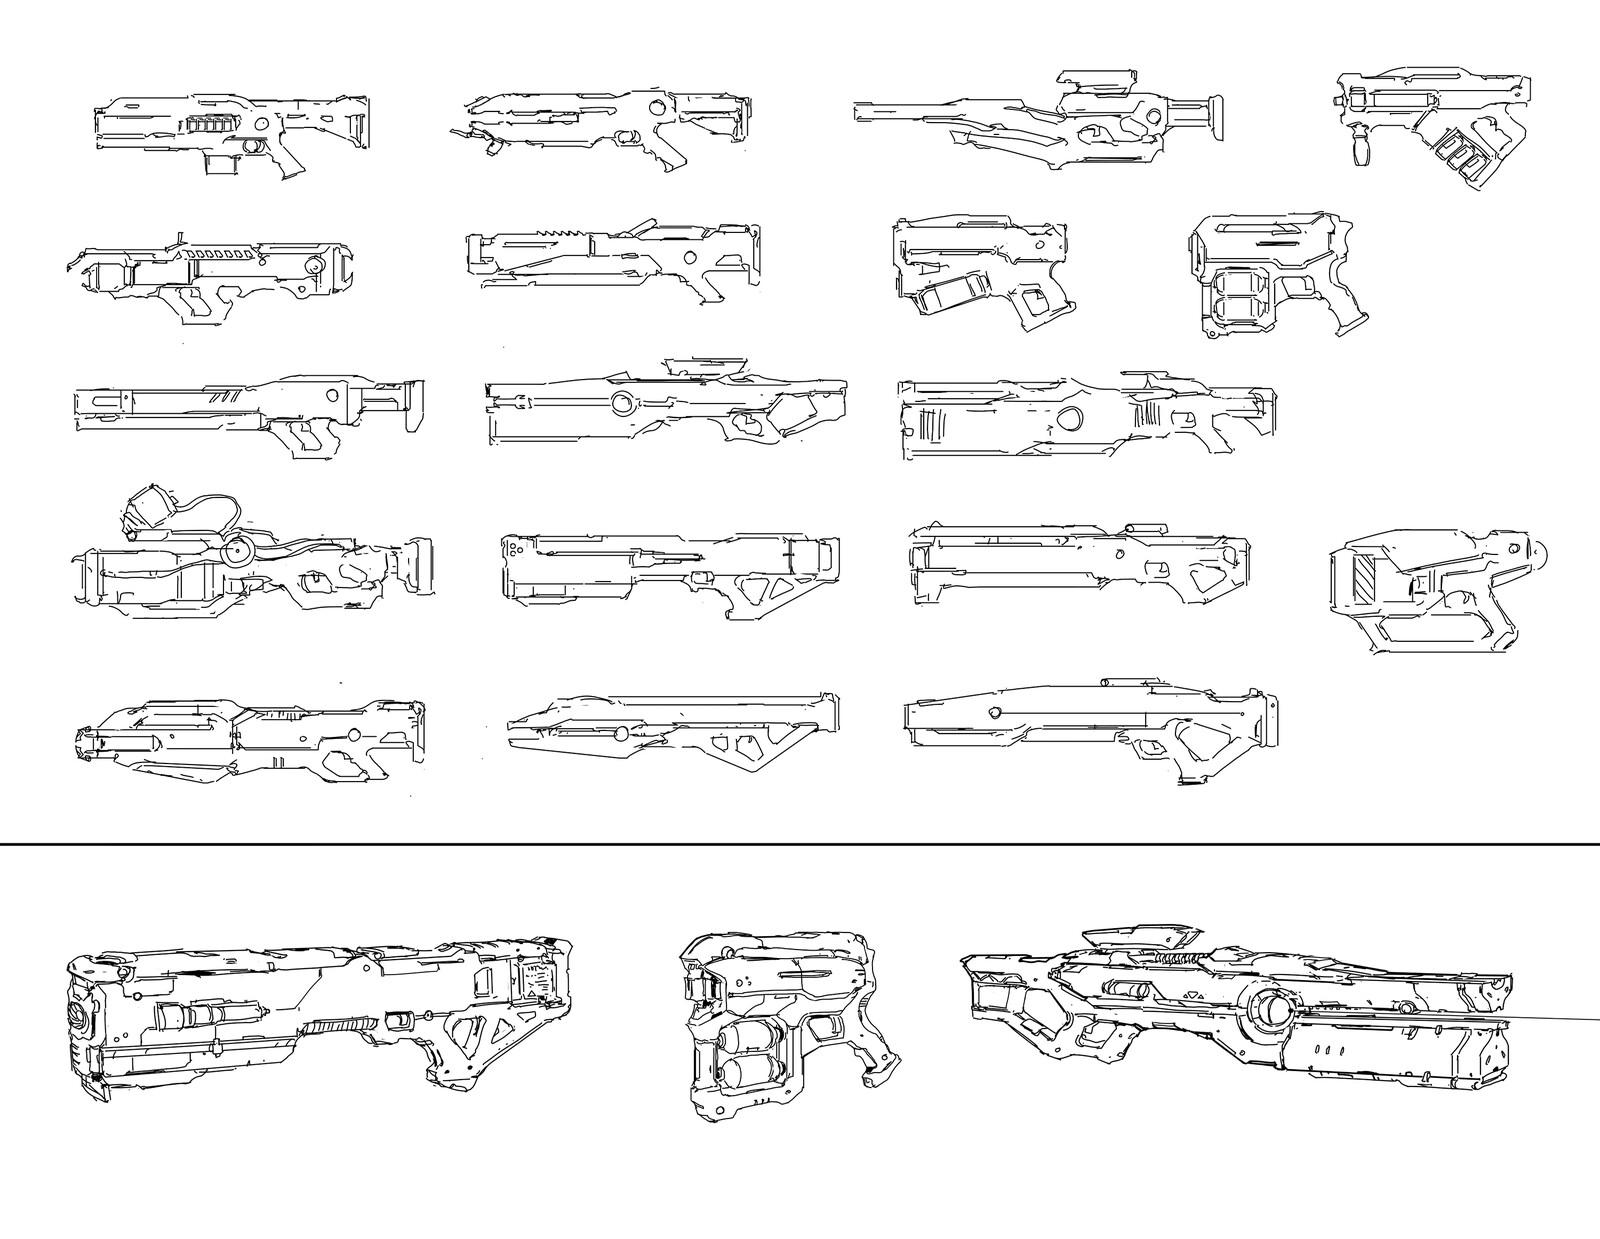 some random guns doodle